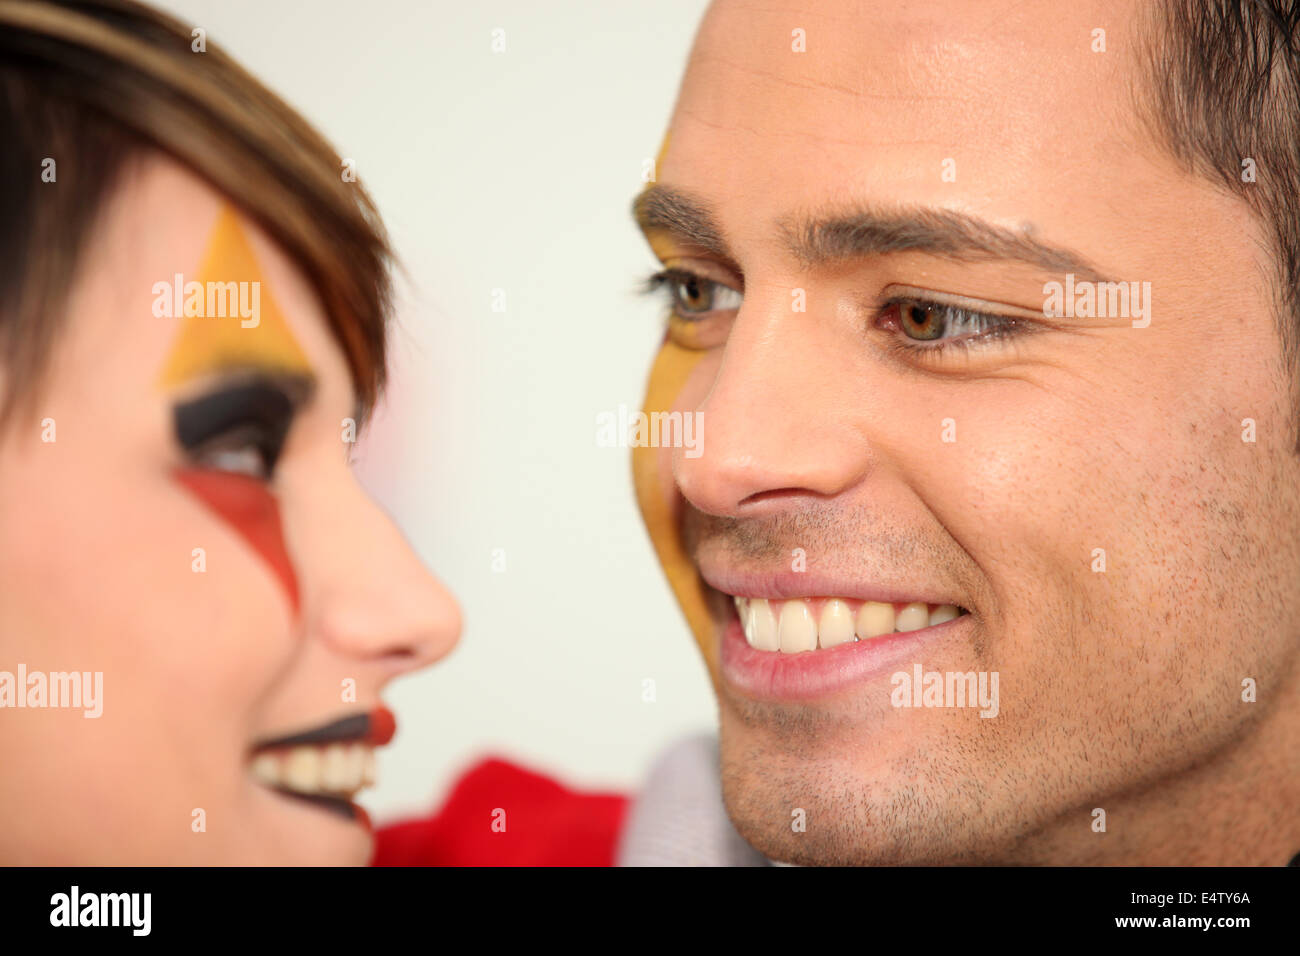 Loverly Spanish couple - Stock Image